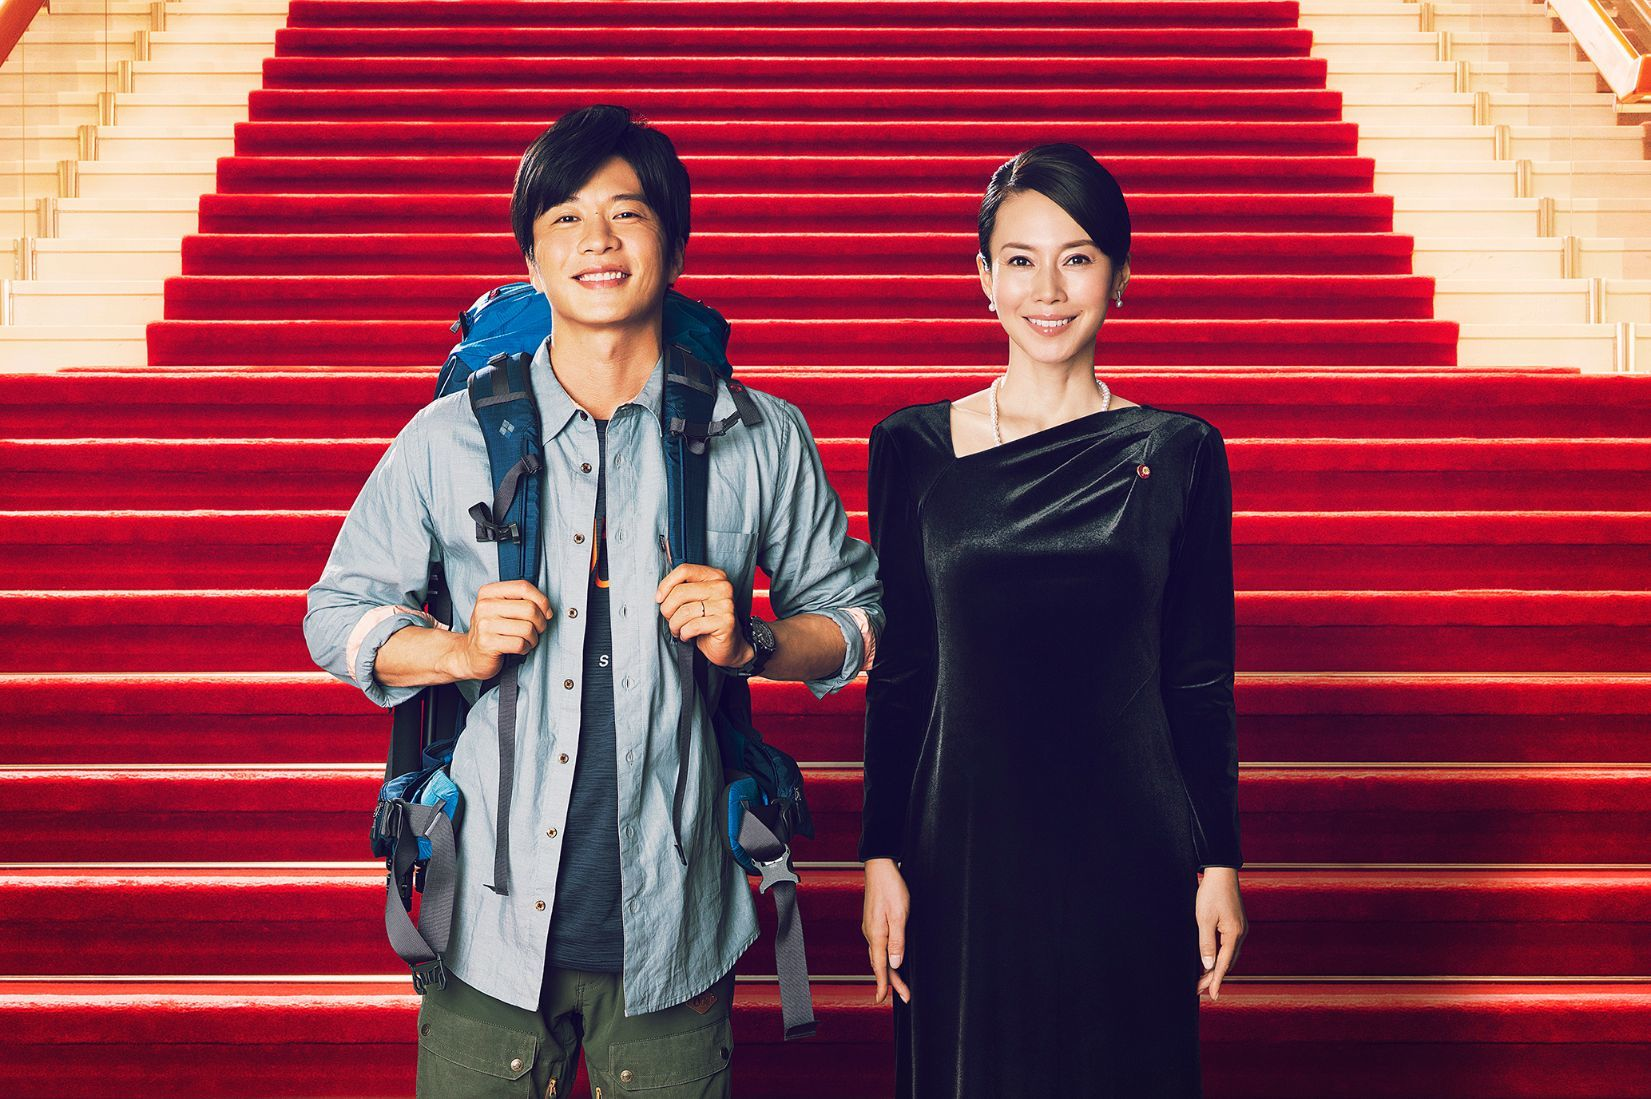 左から、田中圭、中谷美紀 (C)2021「総理の夫」製作委員会